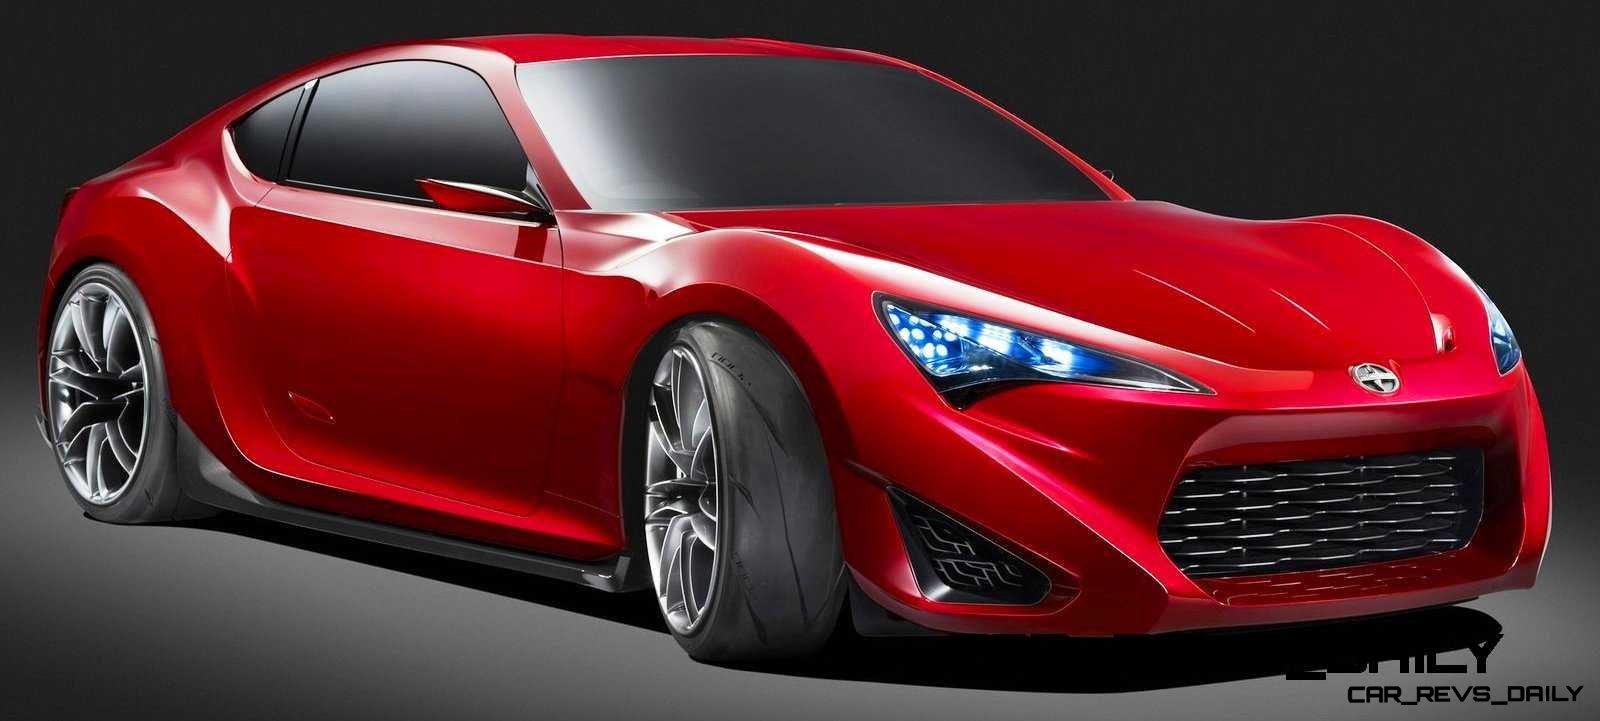 Toyota Supra Past and Future 2015 Supra Renderings 37